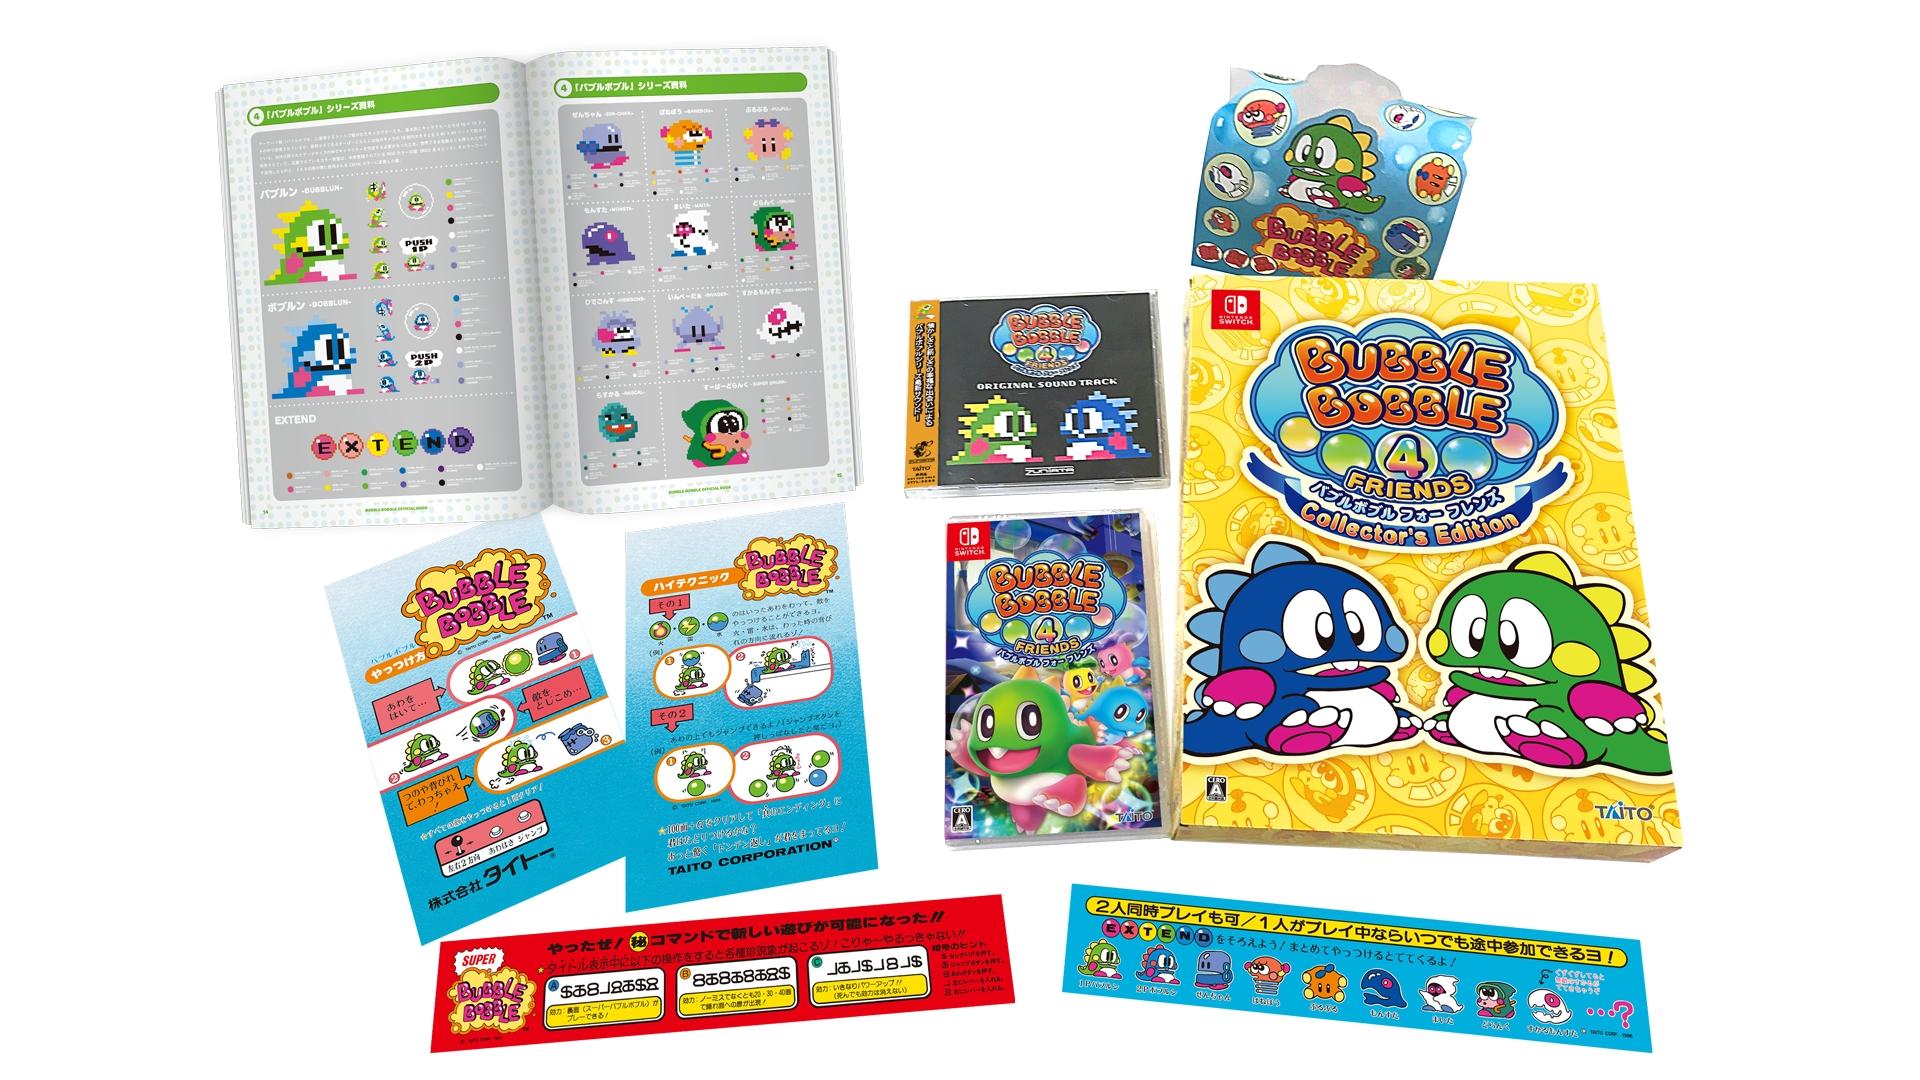 bubble bobble 4 friends final bubble bobble japan limited edition